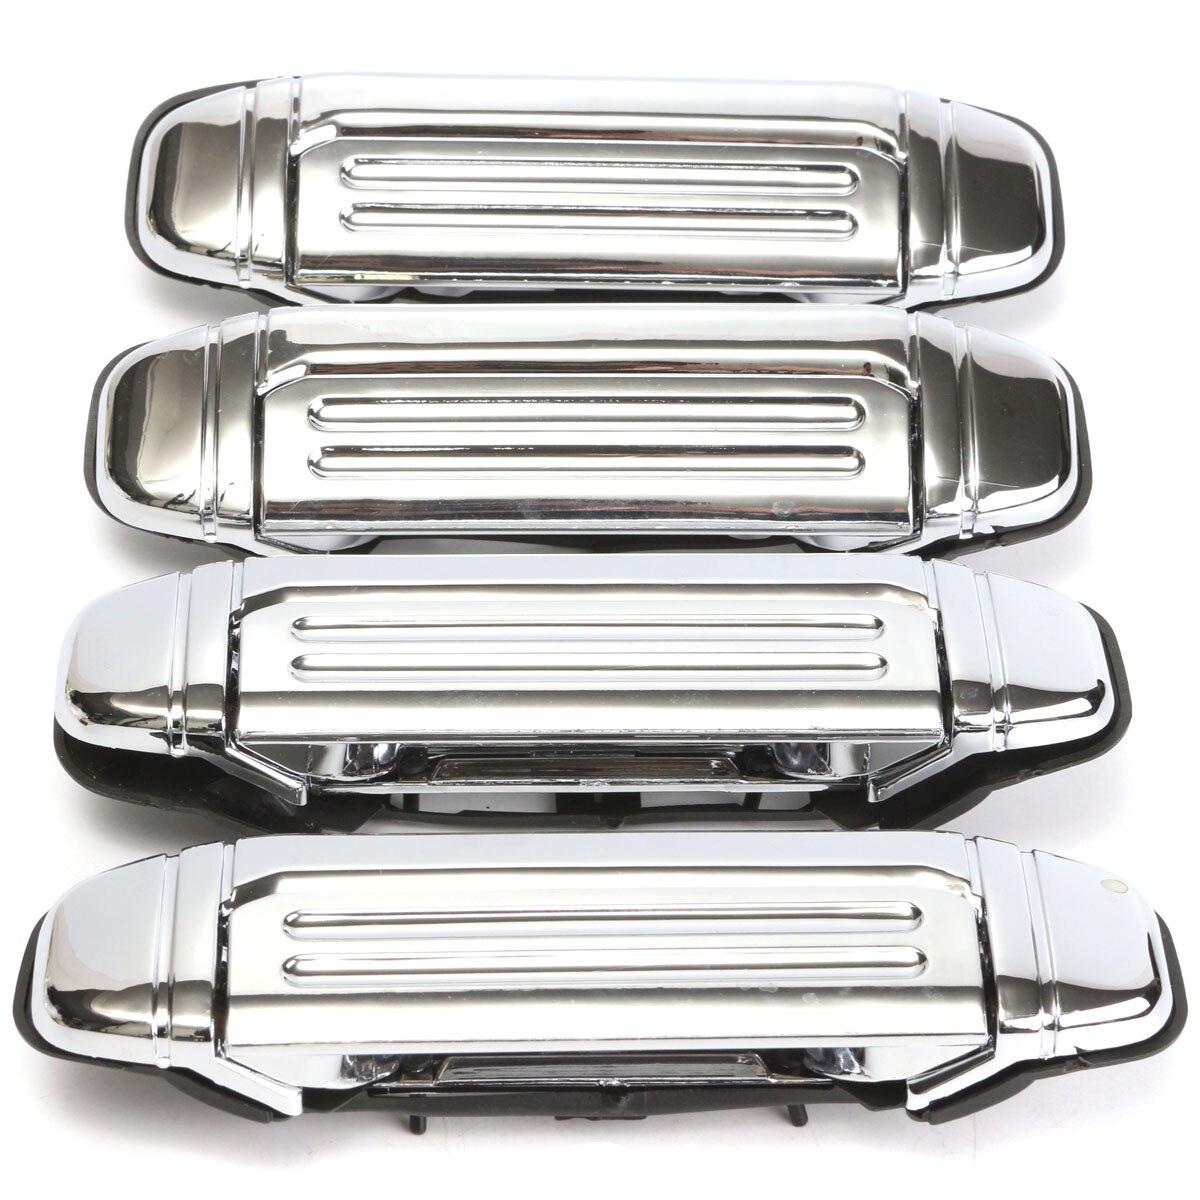 4 pièces voiture Chrome porte poignée remplacement pour Mitsubishi PAJERO 1992 1993 1994 1995 1996 1997 porte poignée voiture accessoires